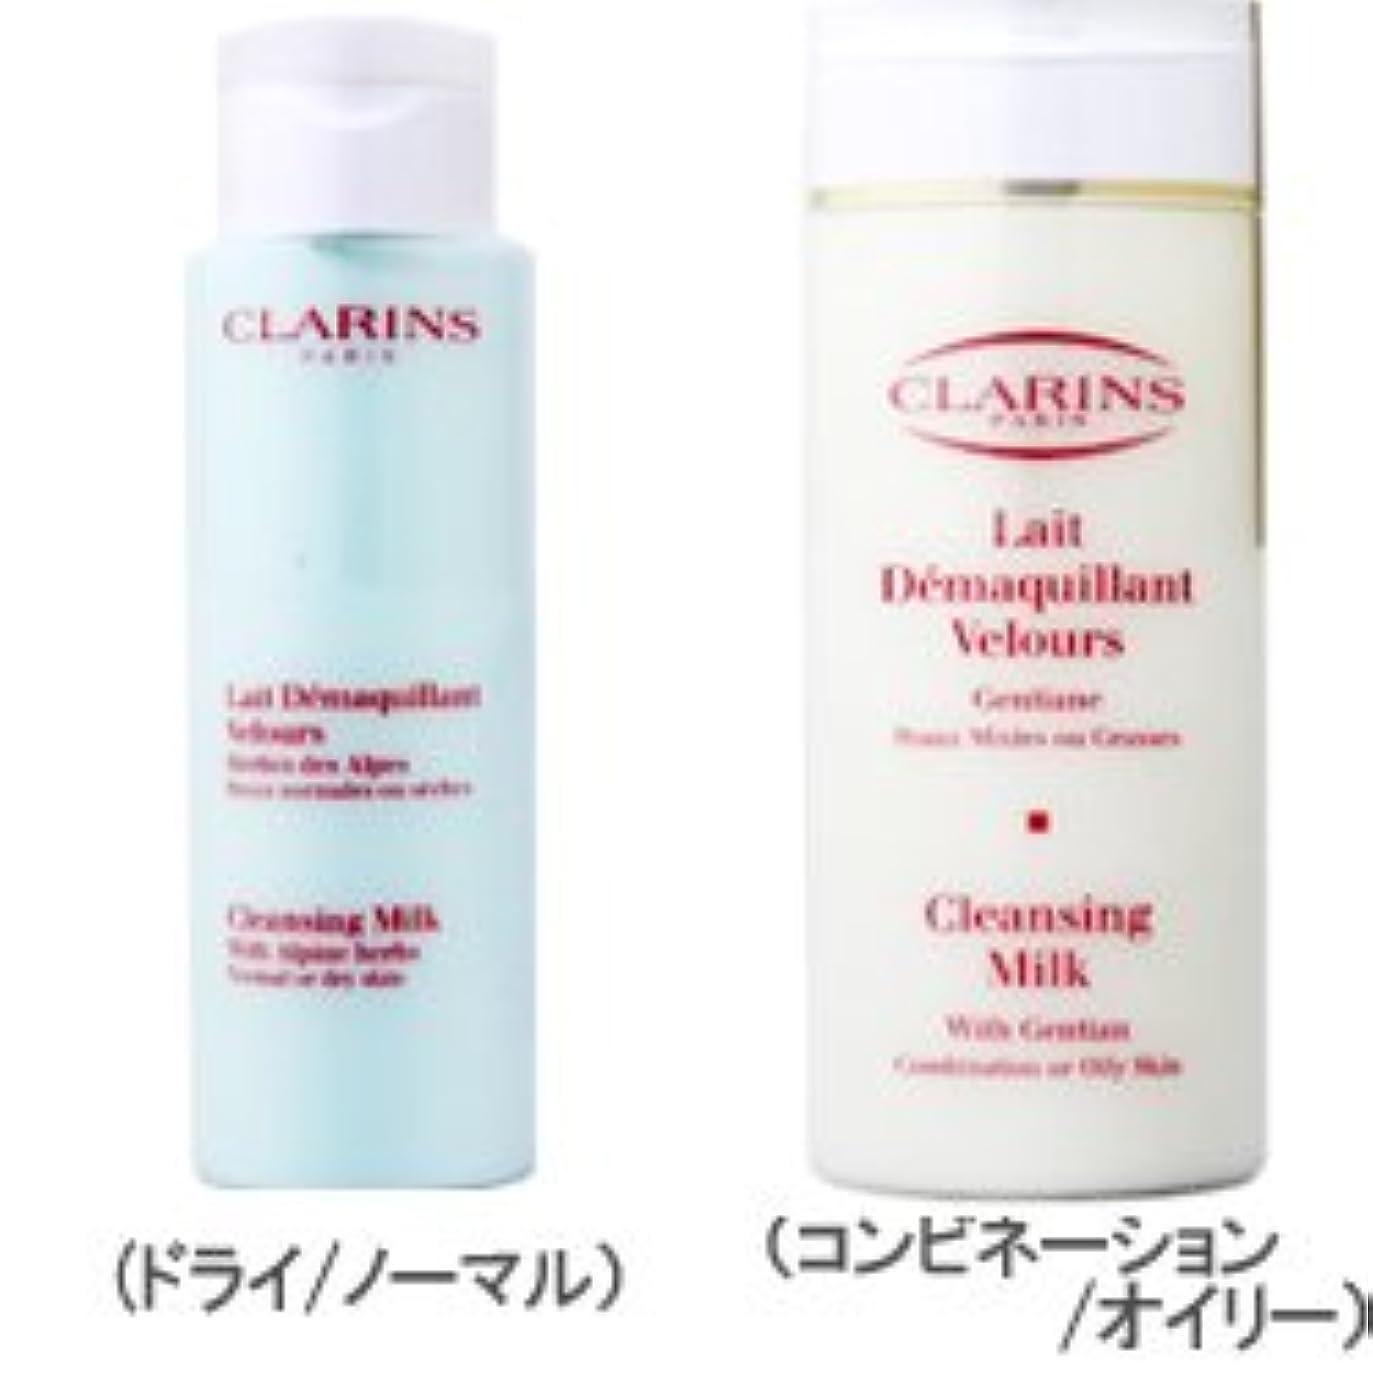 クラランス CLARINS クレンジング ミルク 200mL【コンビネーション/オイリー】 [並行輸入品]